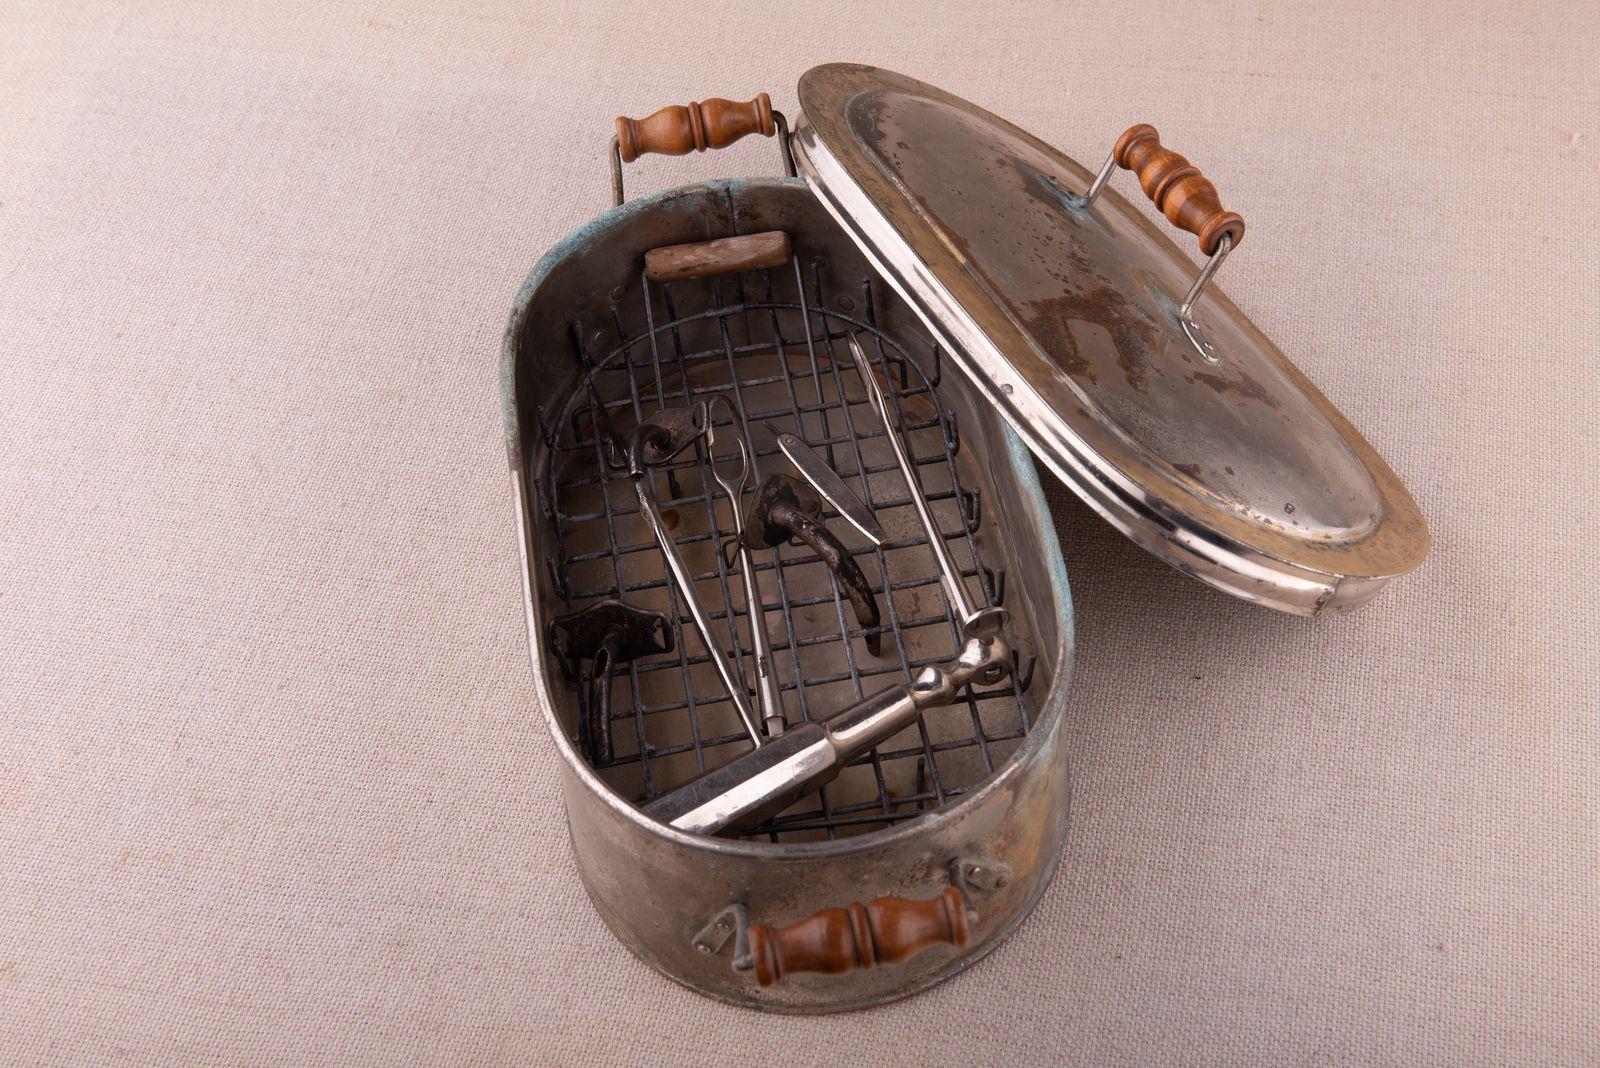 Muzei44_Стерилизатор с медицински инструменти от началото на 20-ти век